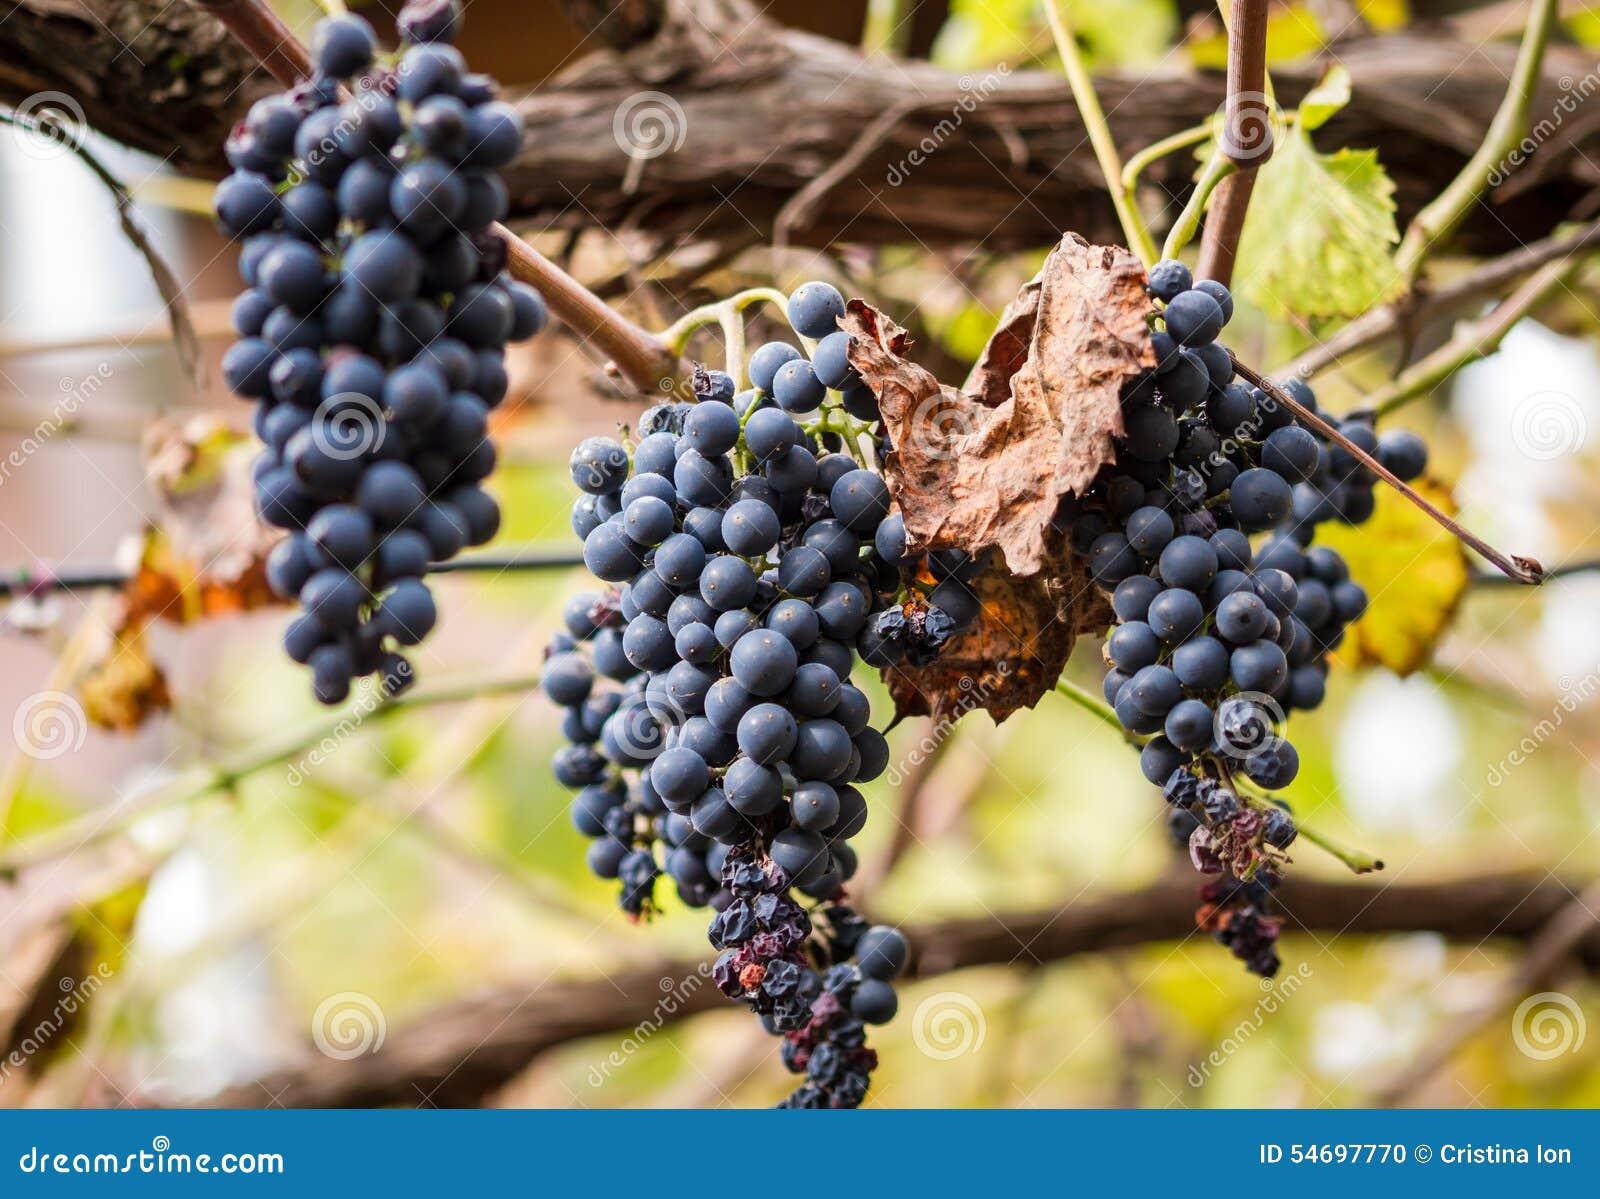 Bio blue grapes hanging